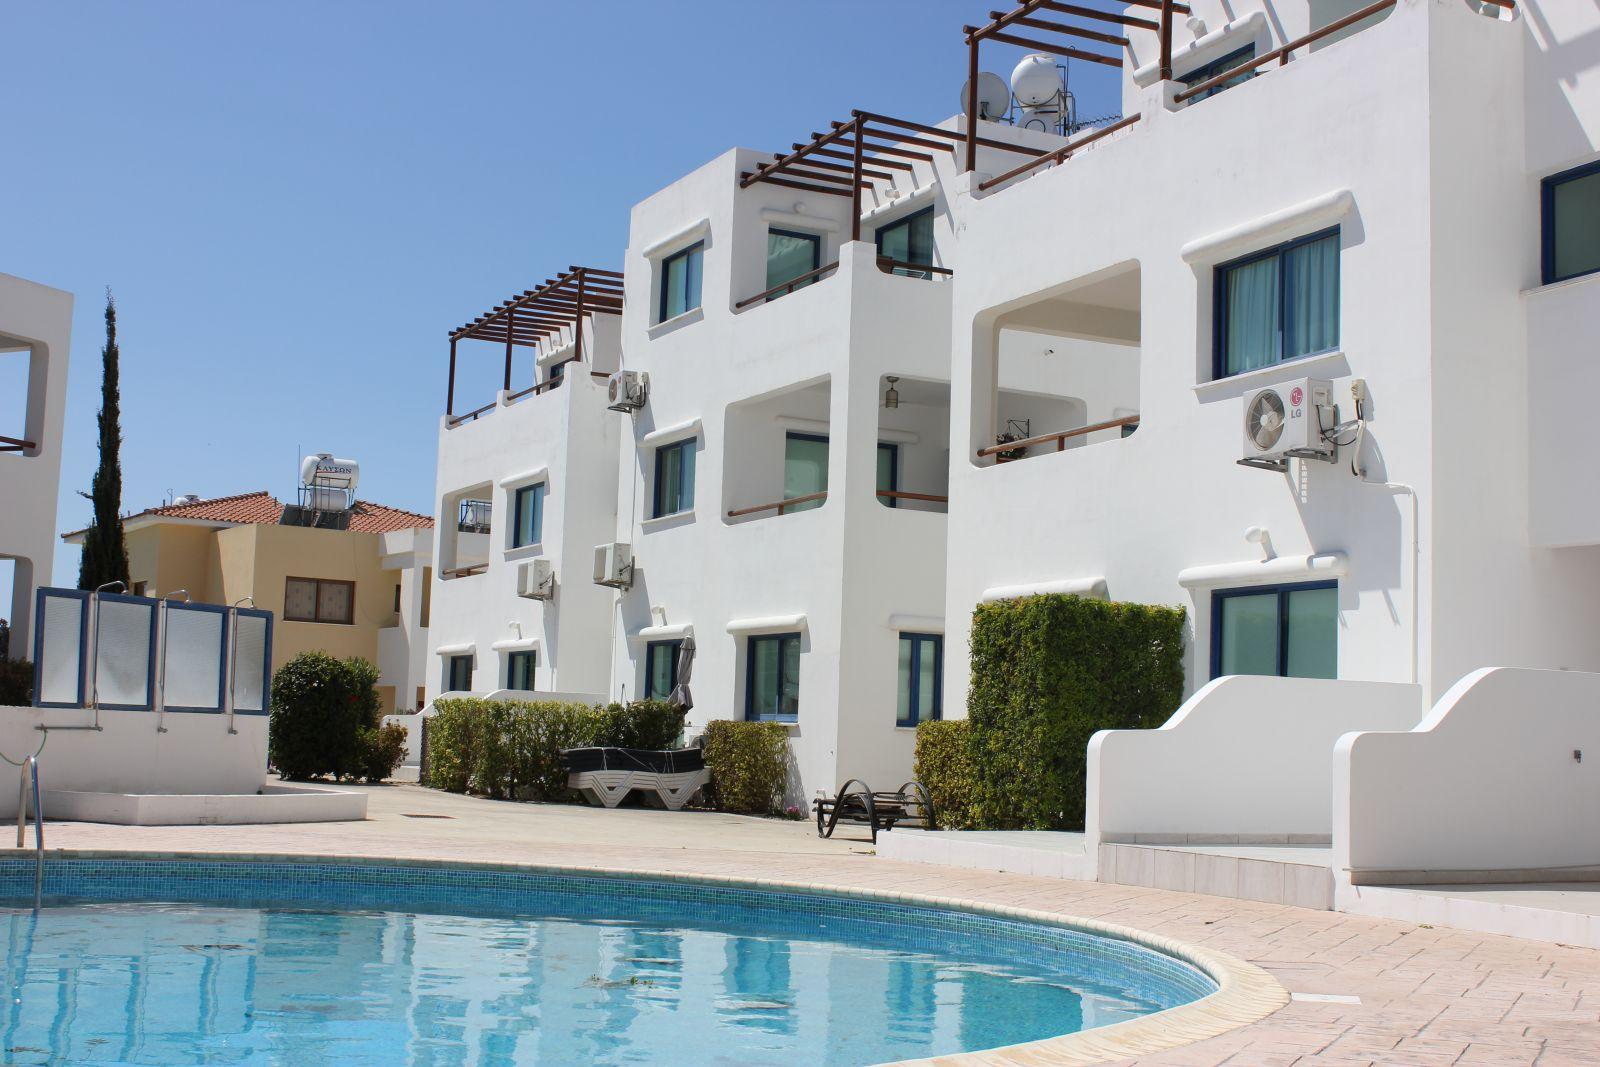 Кипр квартира купить квартира в финляндии аренда